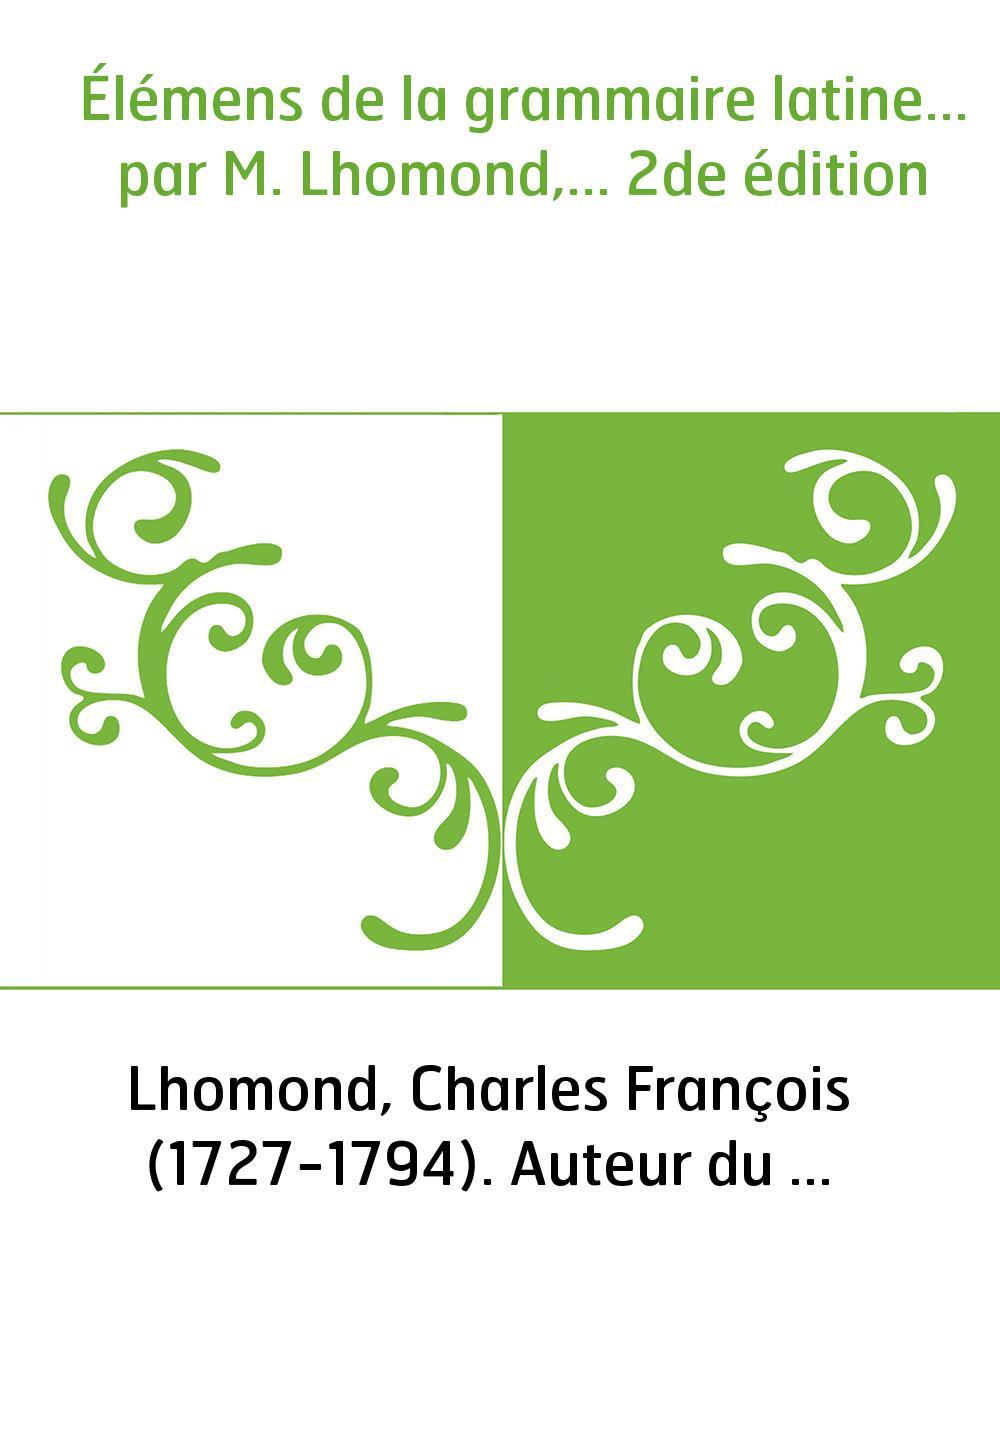 Élémens de la grammaire latine... par M. Lhomond,... 2de édition